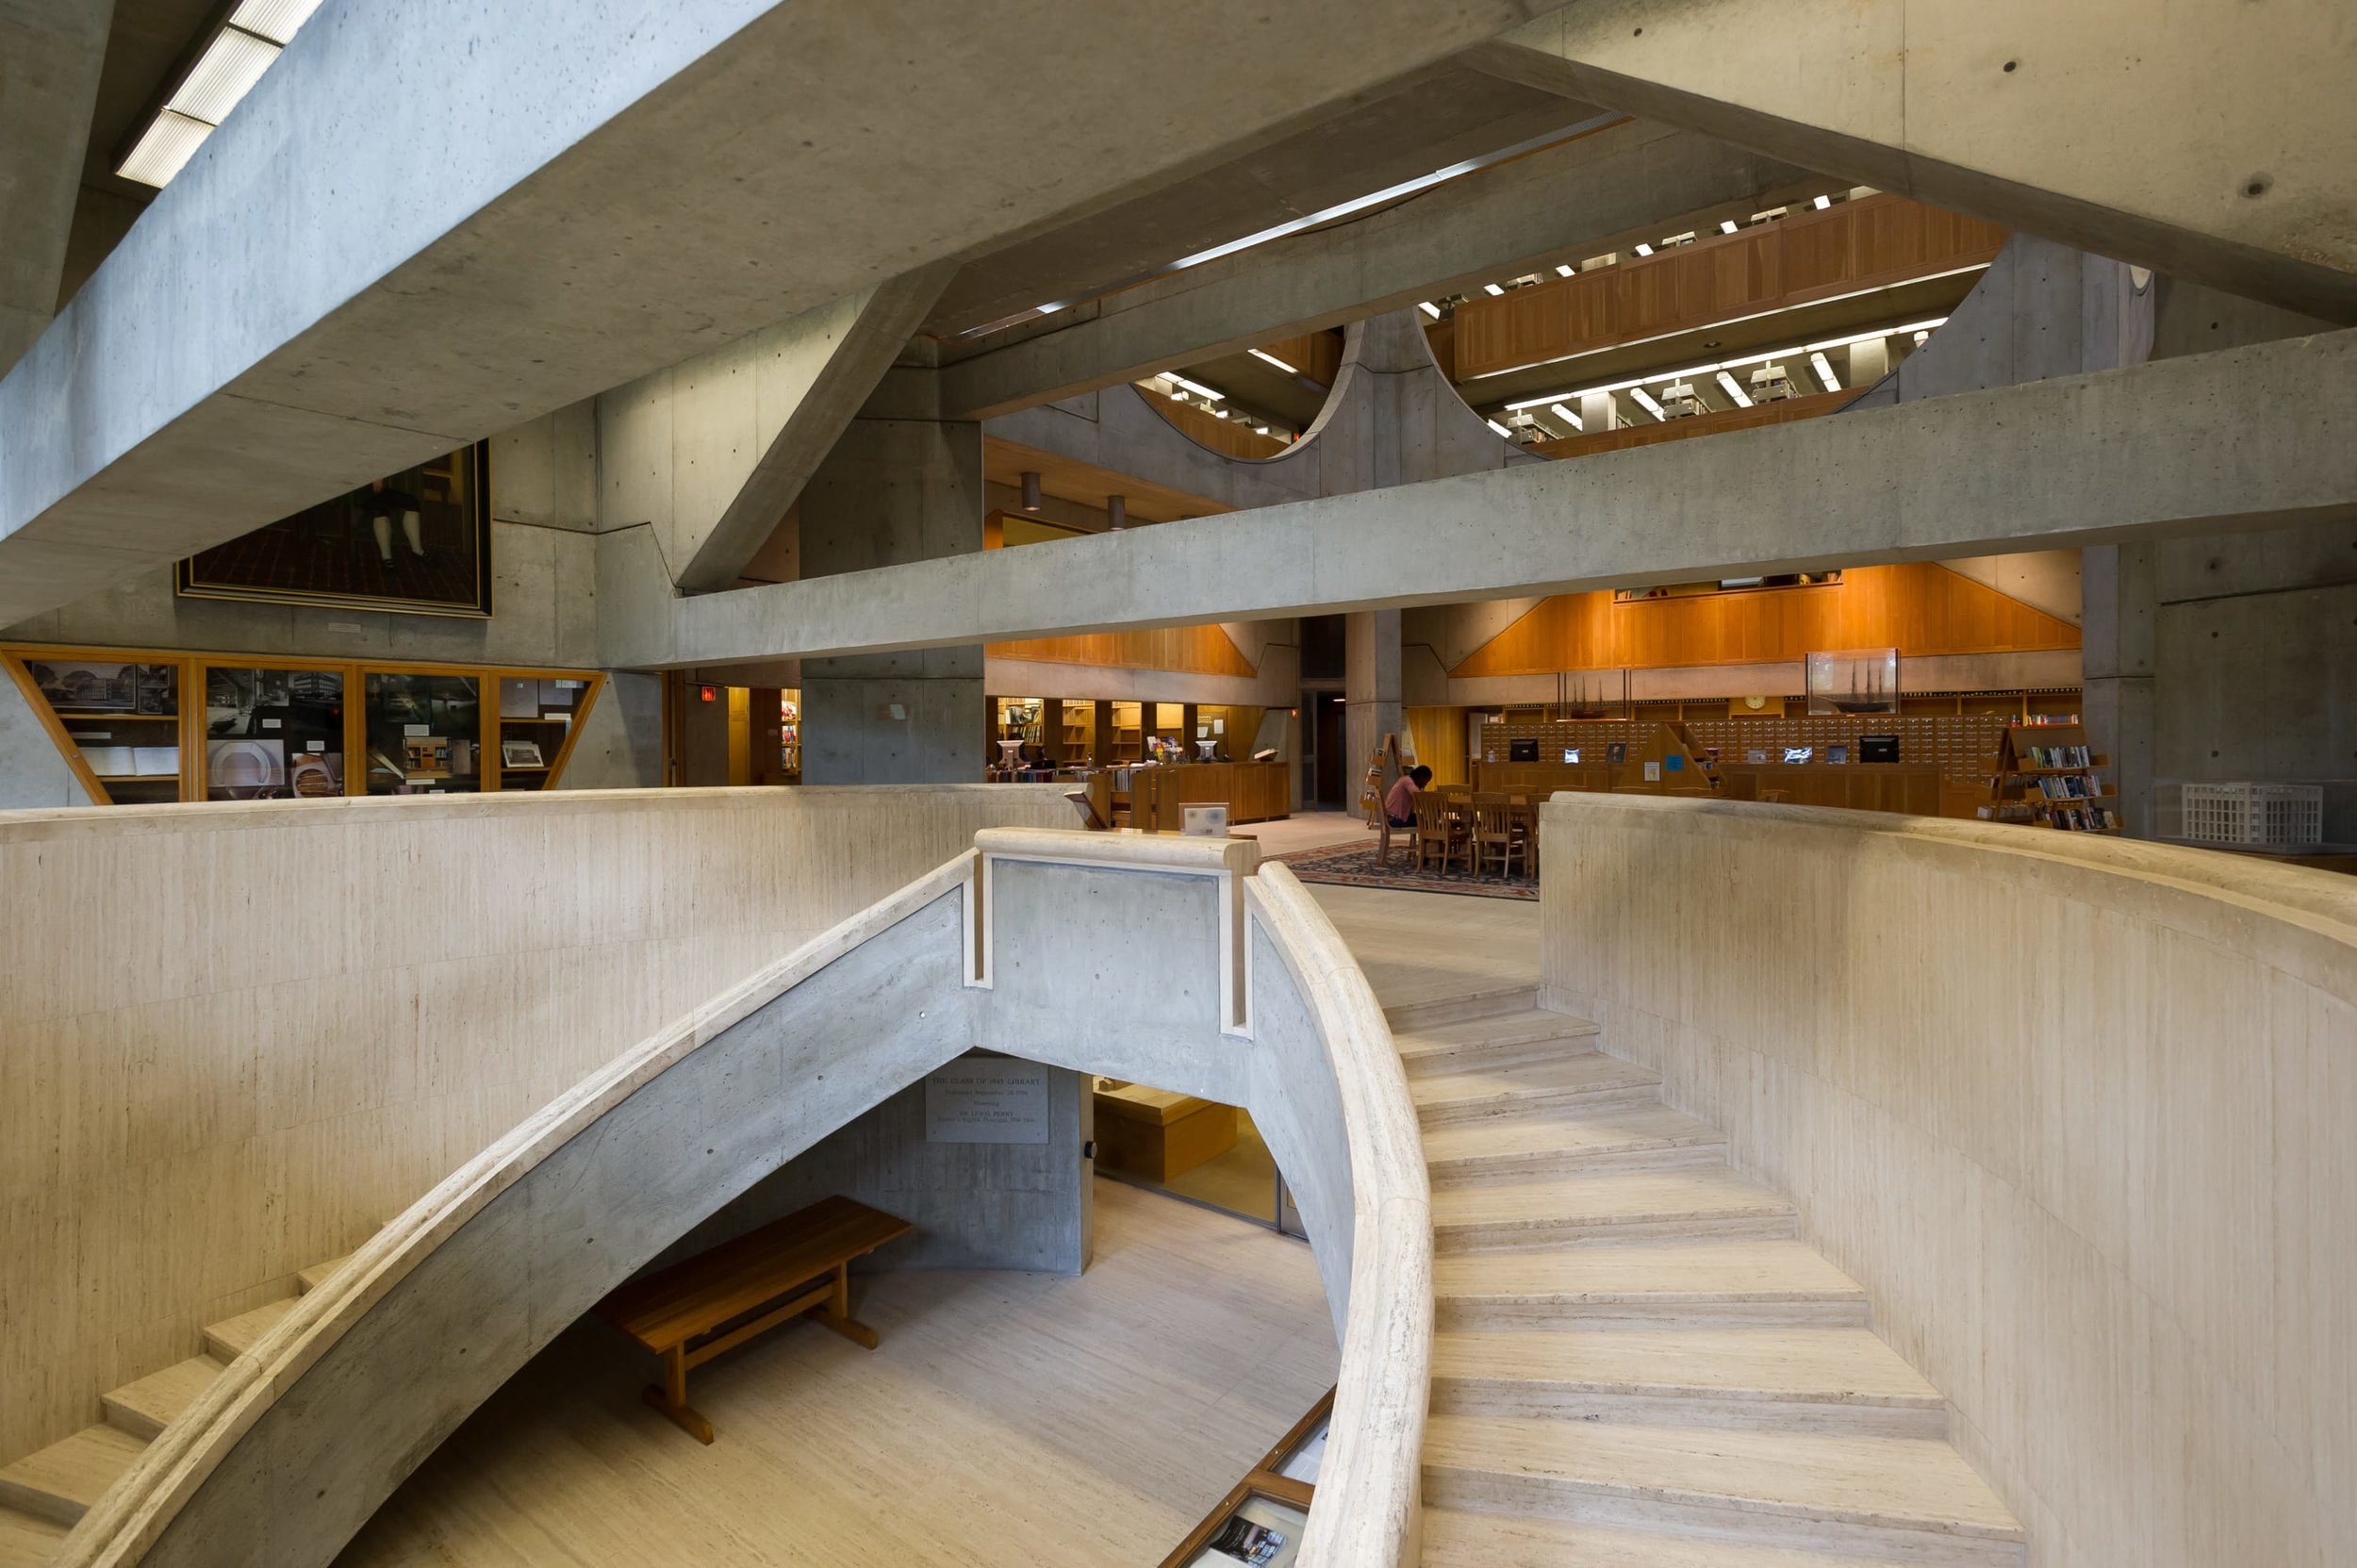 louis-kahn-xavier-de-jaureguiberry-library-at-phillips-exeter-academy.jpg